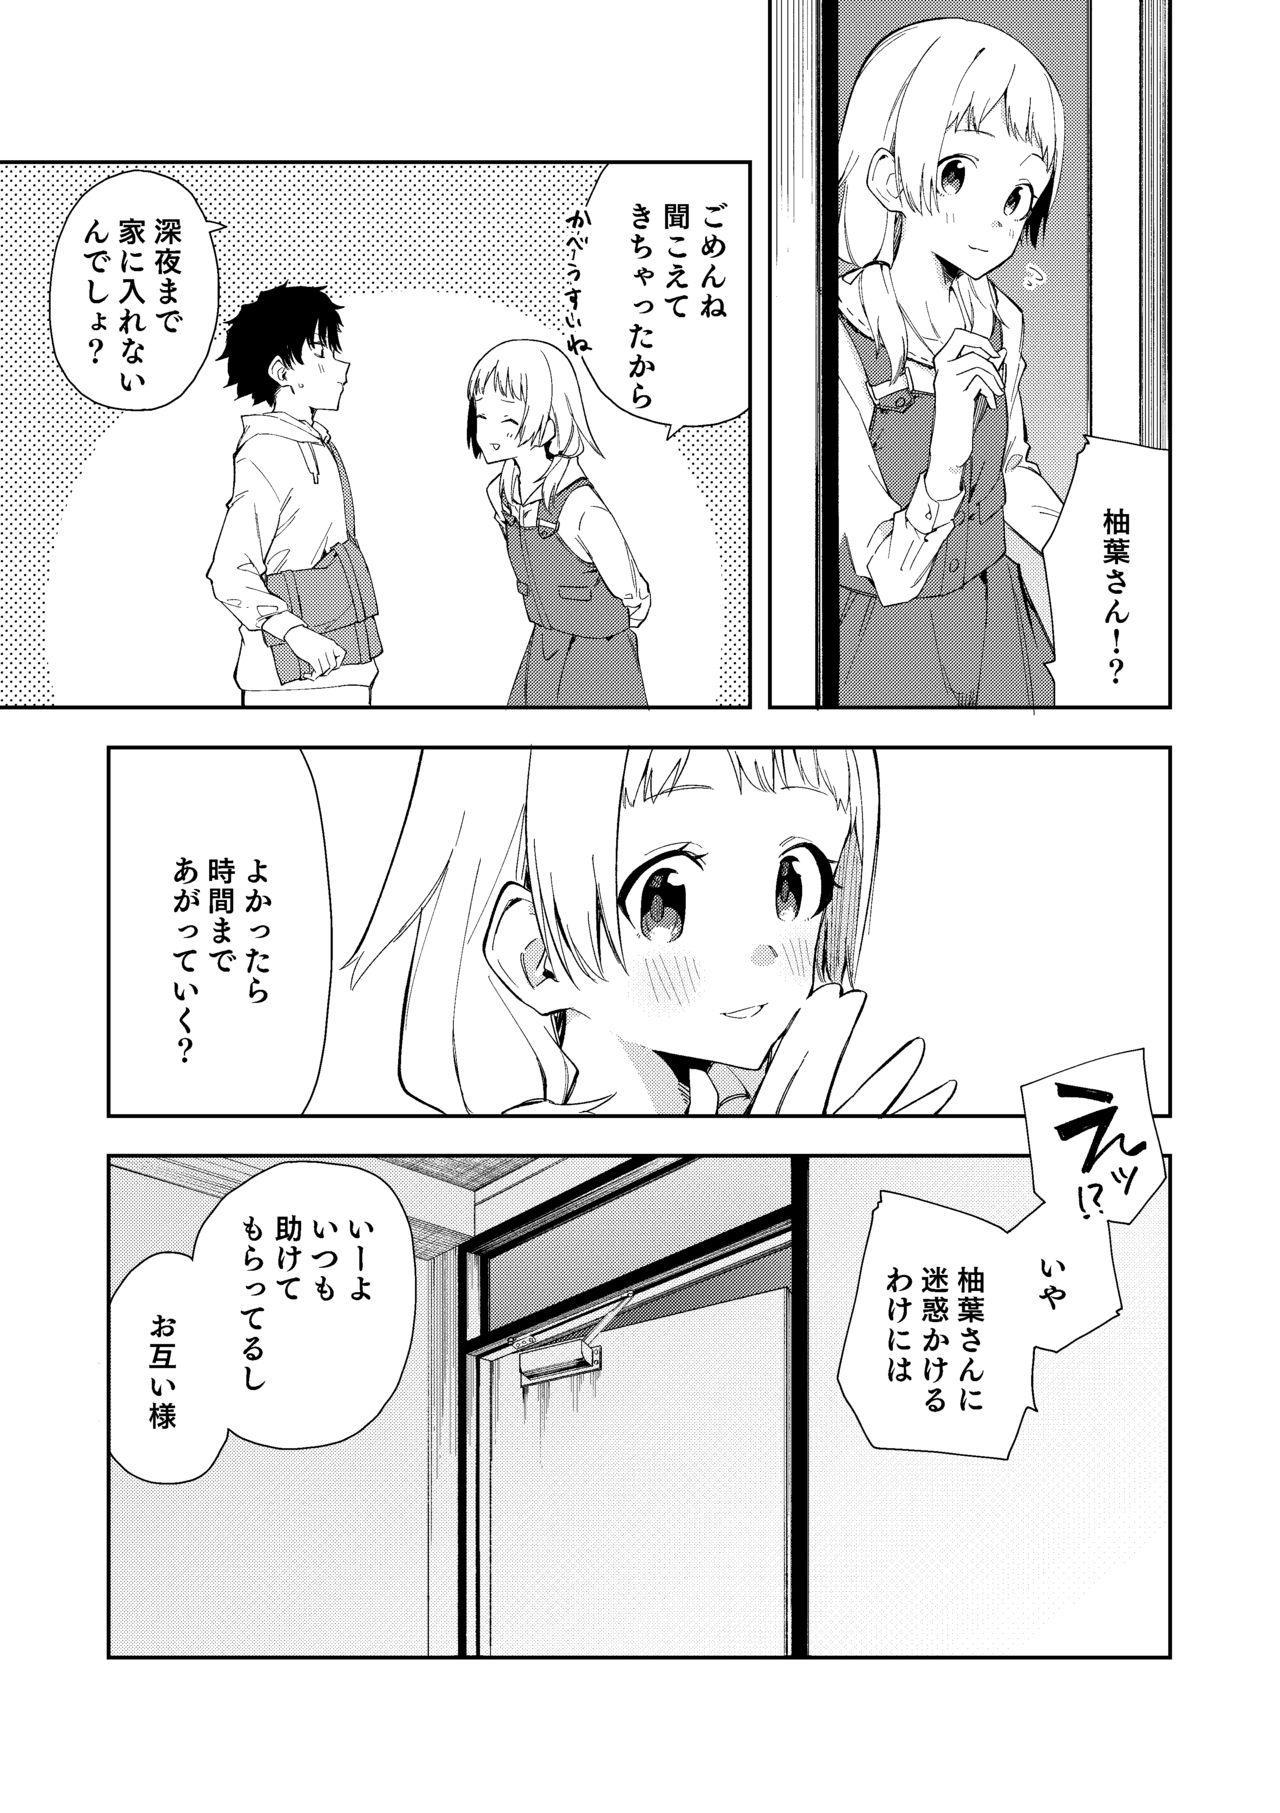 Rinjin wa Yuumei Haishinsha 5